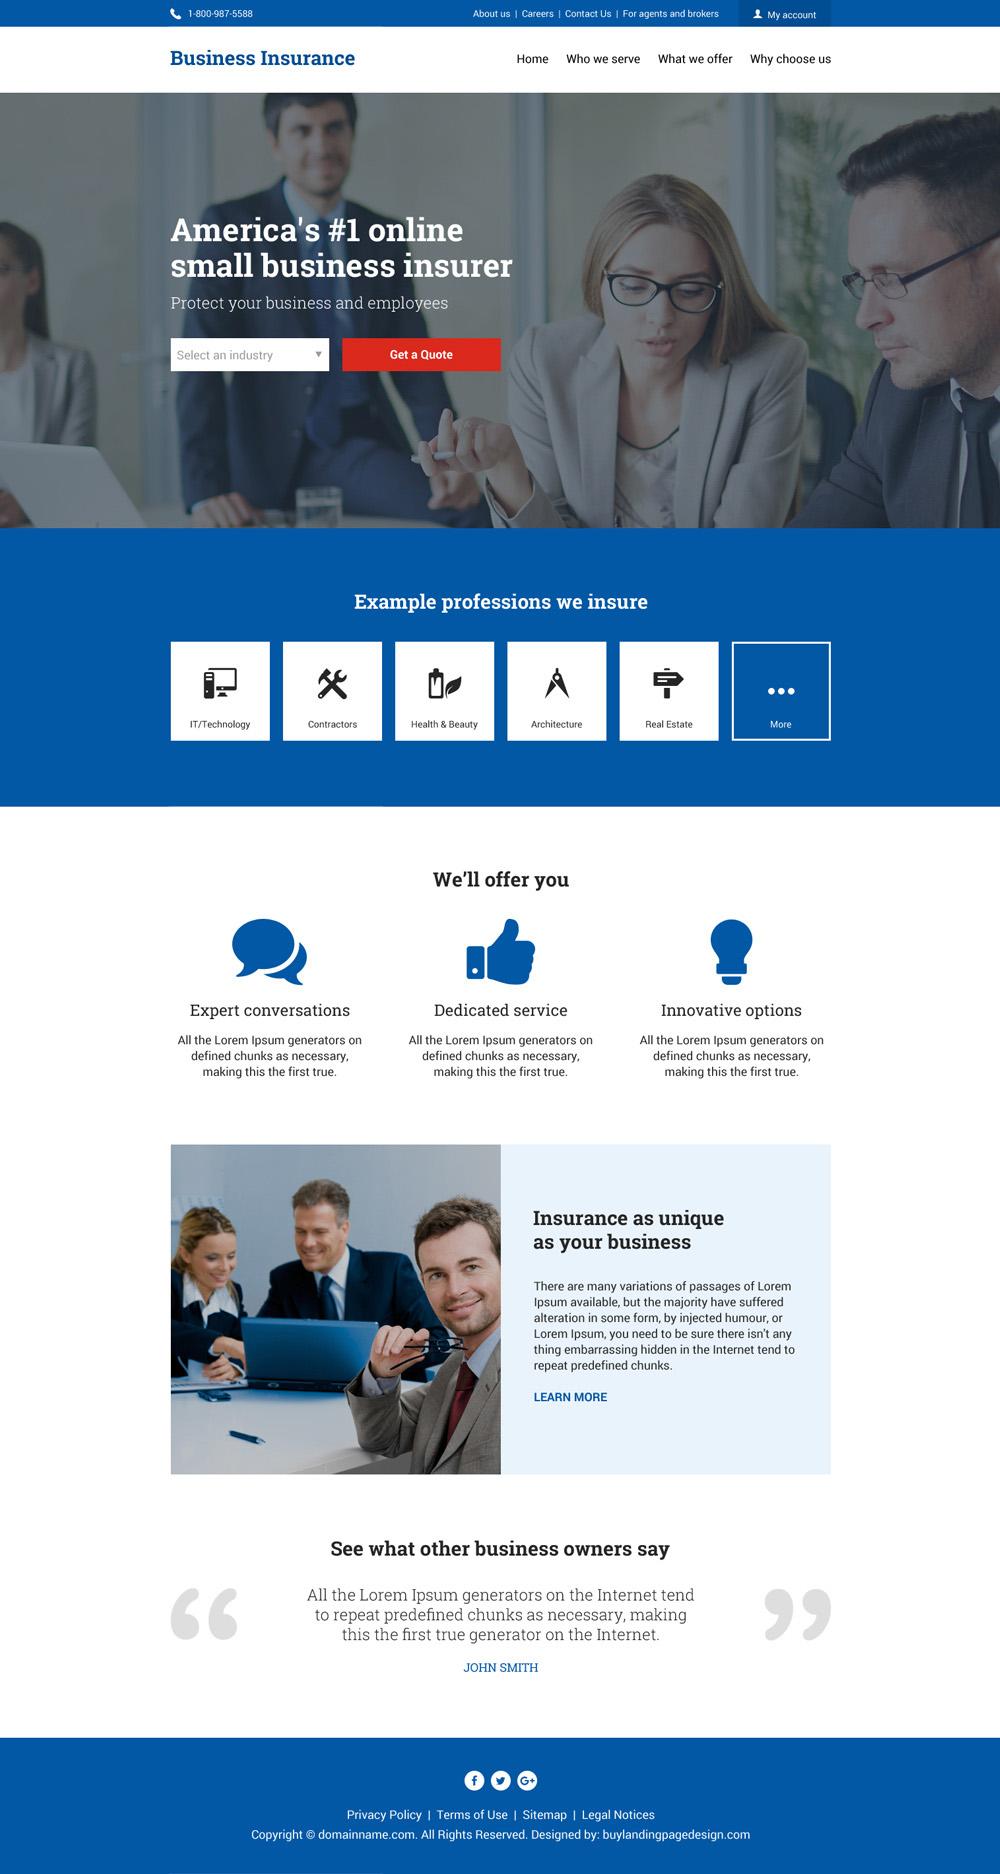 Business insurance responsive website design Be an